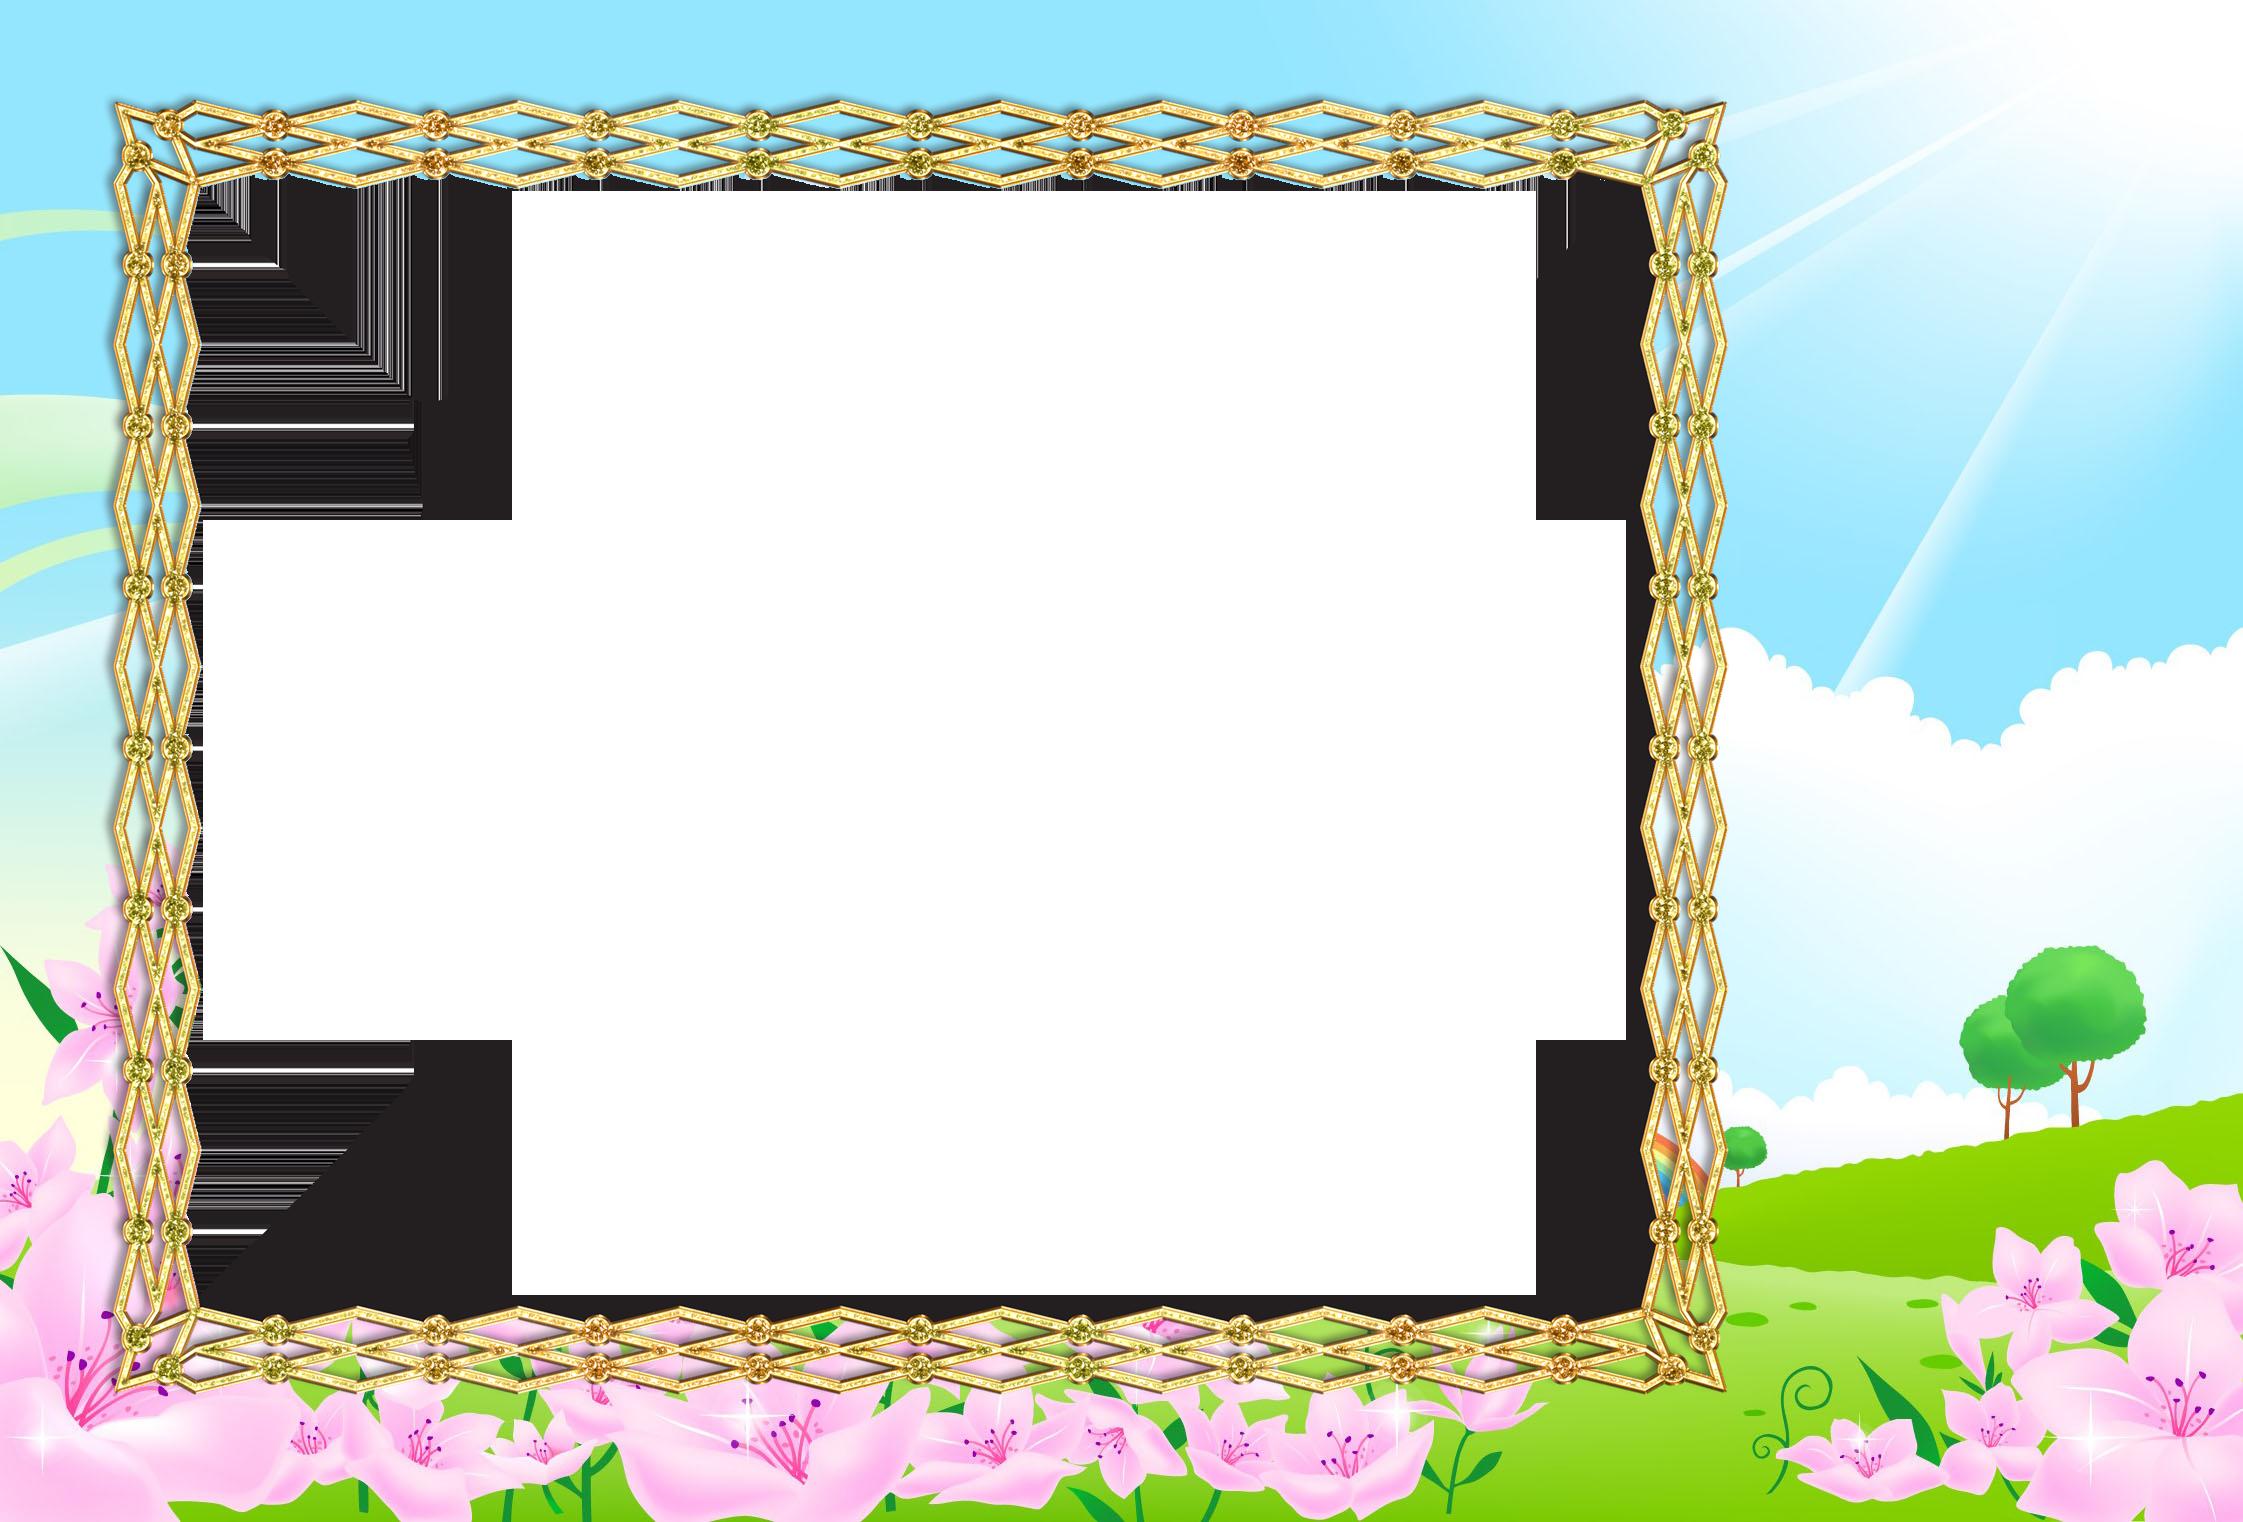 картинки рамок для презентации